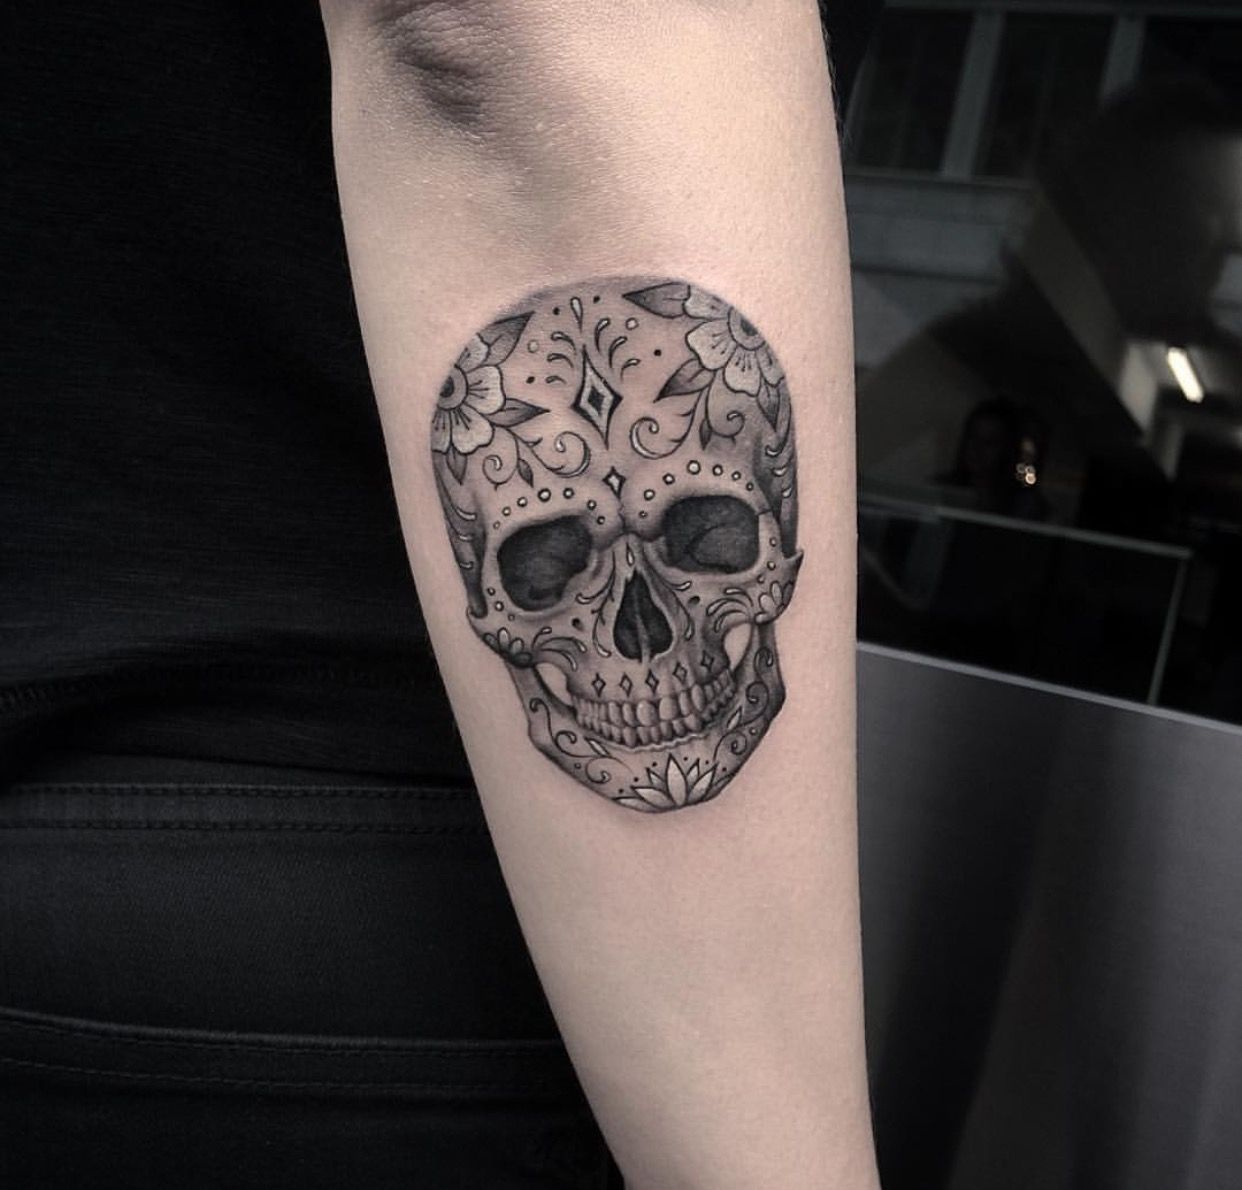 Pin De Jayce Holguin En Tattoos Tatuajes De Calaveras Mexicanas Calaveras Mexicanas Tattoo Calaveritas Mexicanas